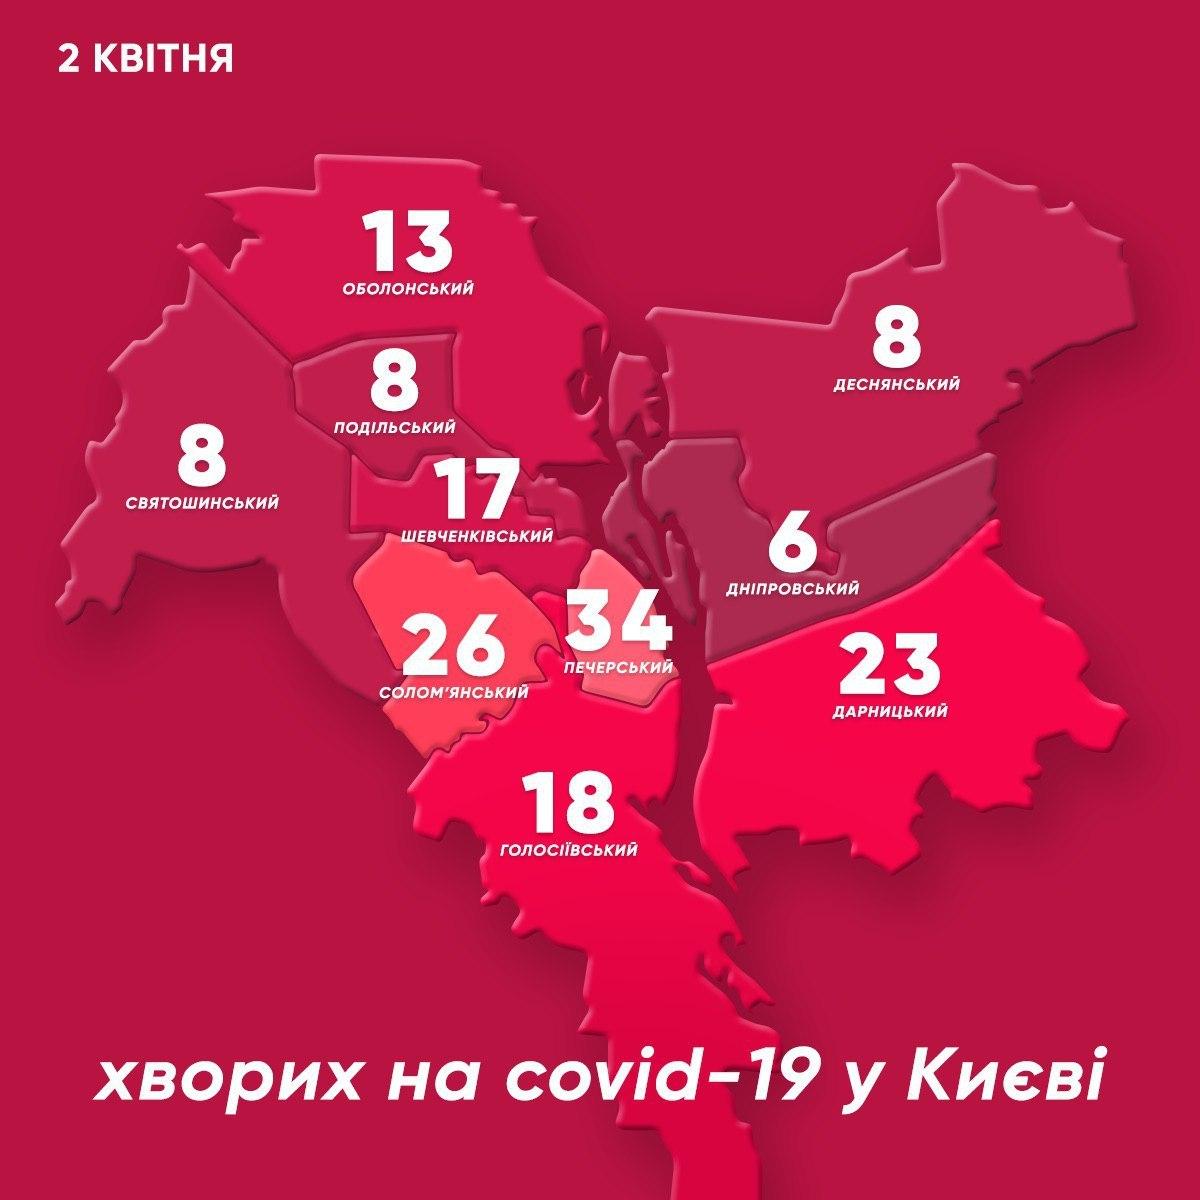 Какие районы Киева лидируют по заражению коронавирусом: карта на 2 апреля